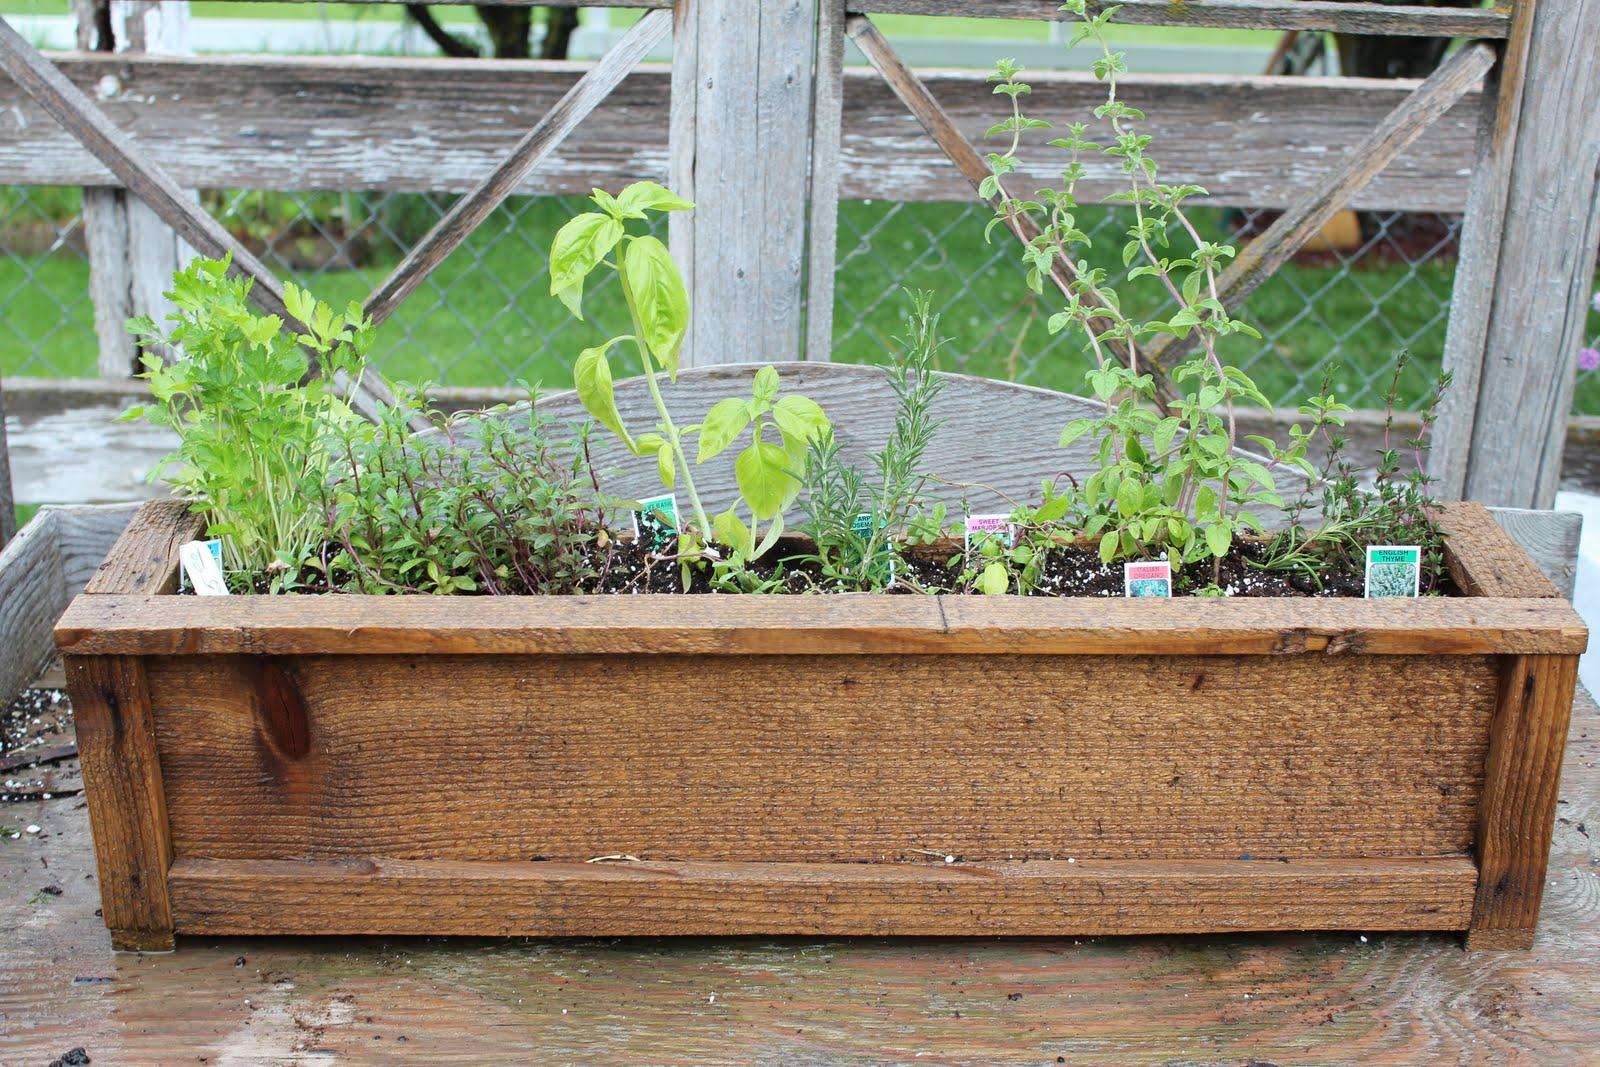 The Simpler Life at Perennial Gardens: Patio Herb Garden